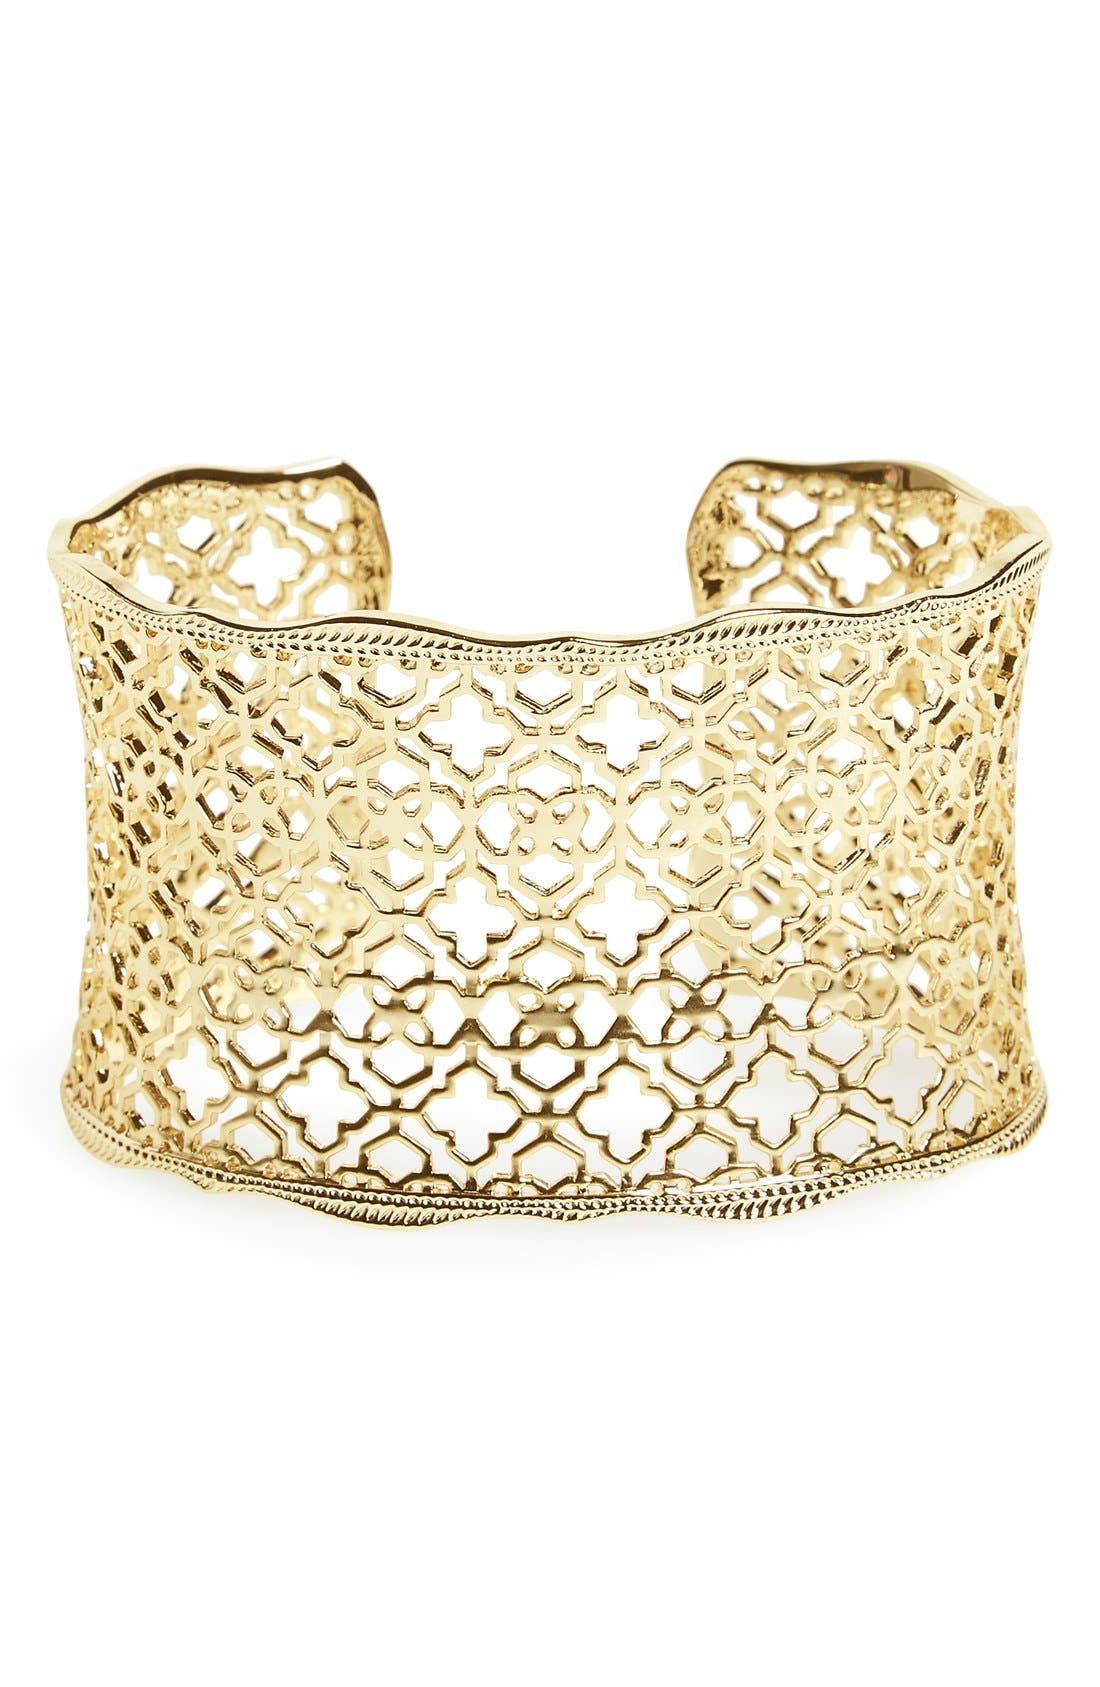 KENDRA SCOTT 'Mystic Bazaar - Candice' Wide Cuff